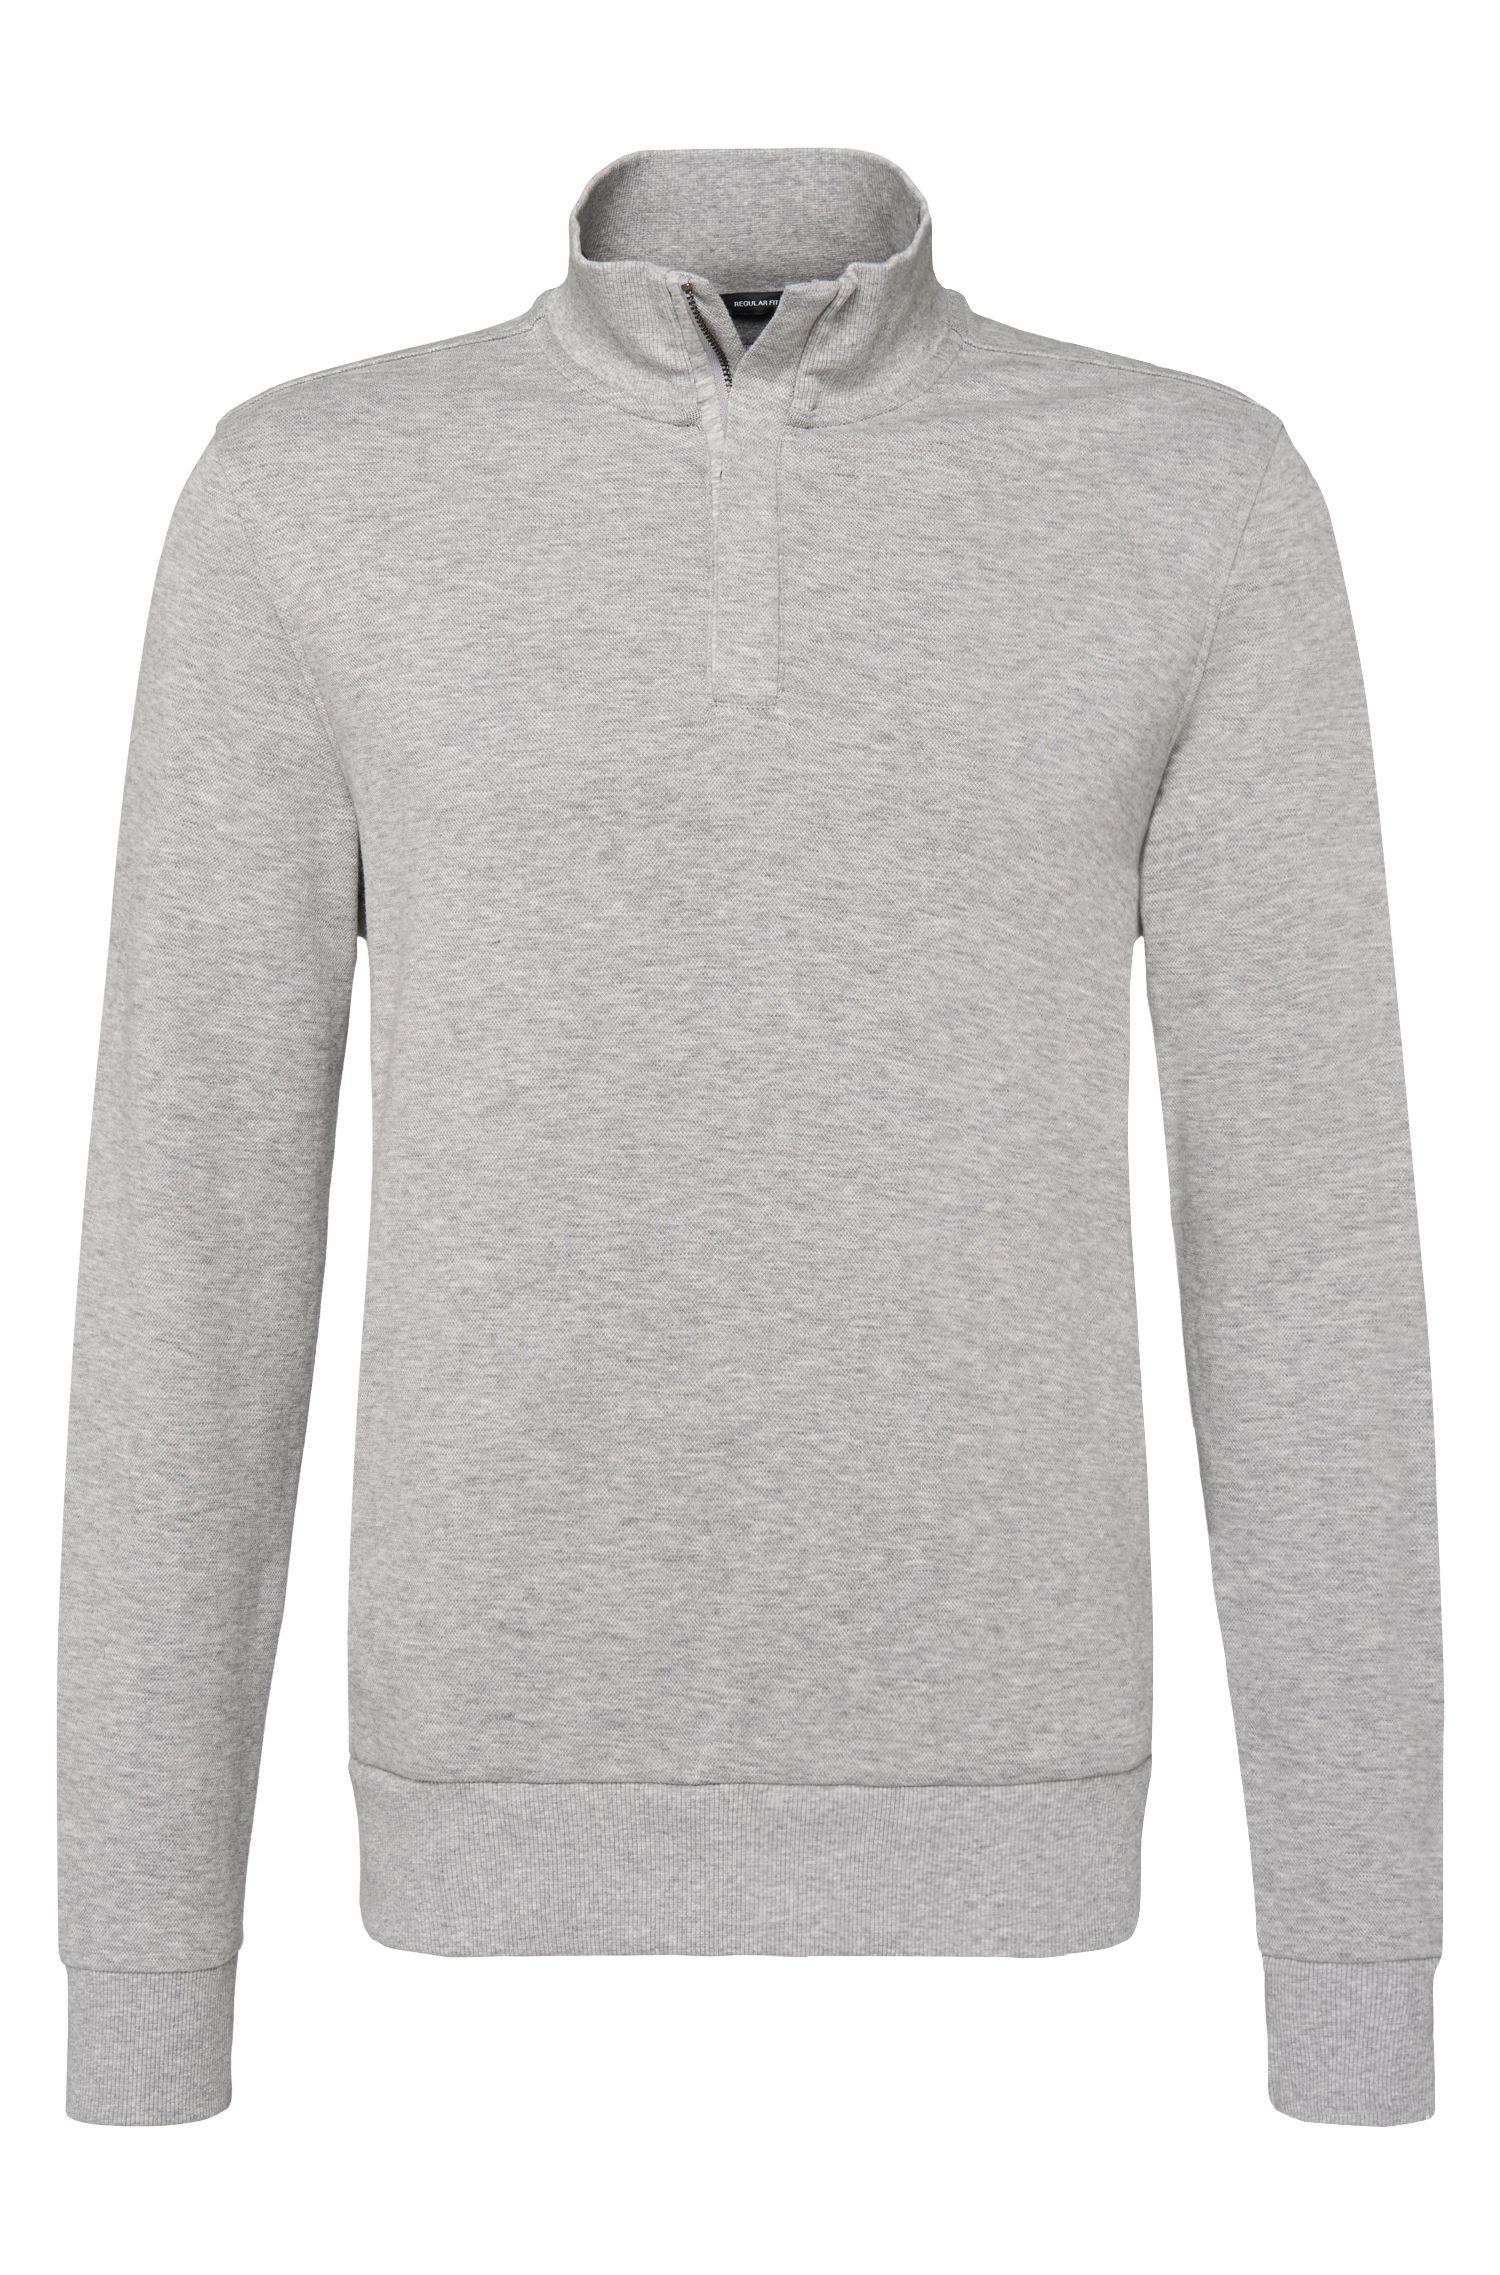 'Sidney' | Cotton Blend Pique Sweatshirt